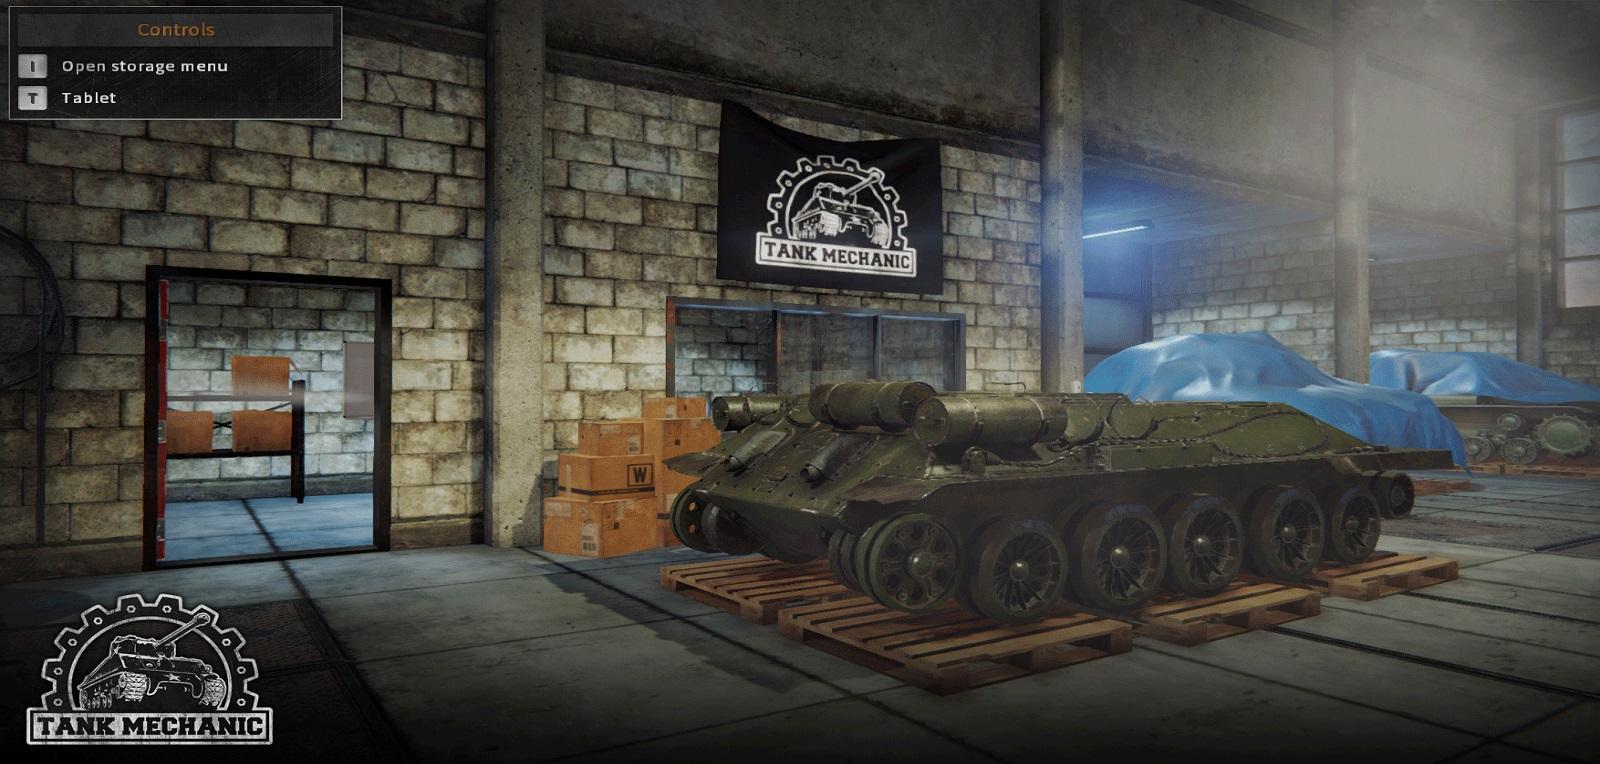 Tank Mechanic Simulator czołg w warsztacie